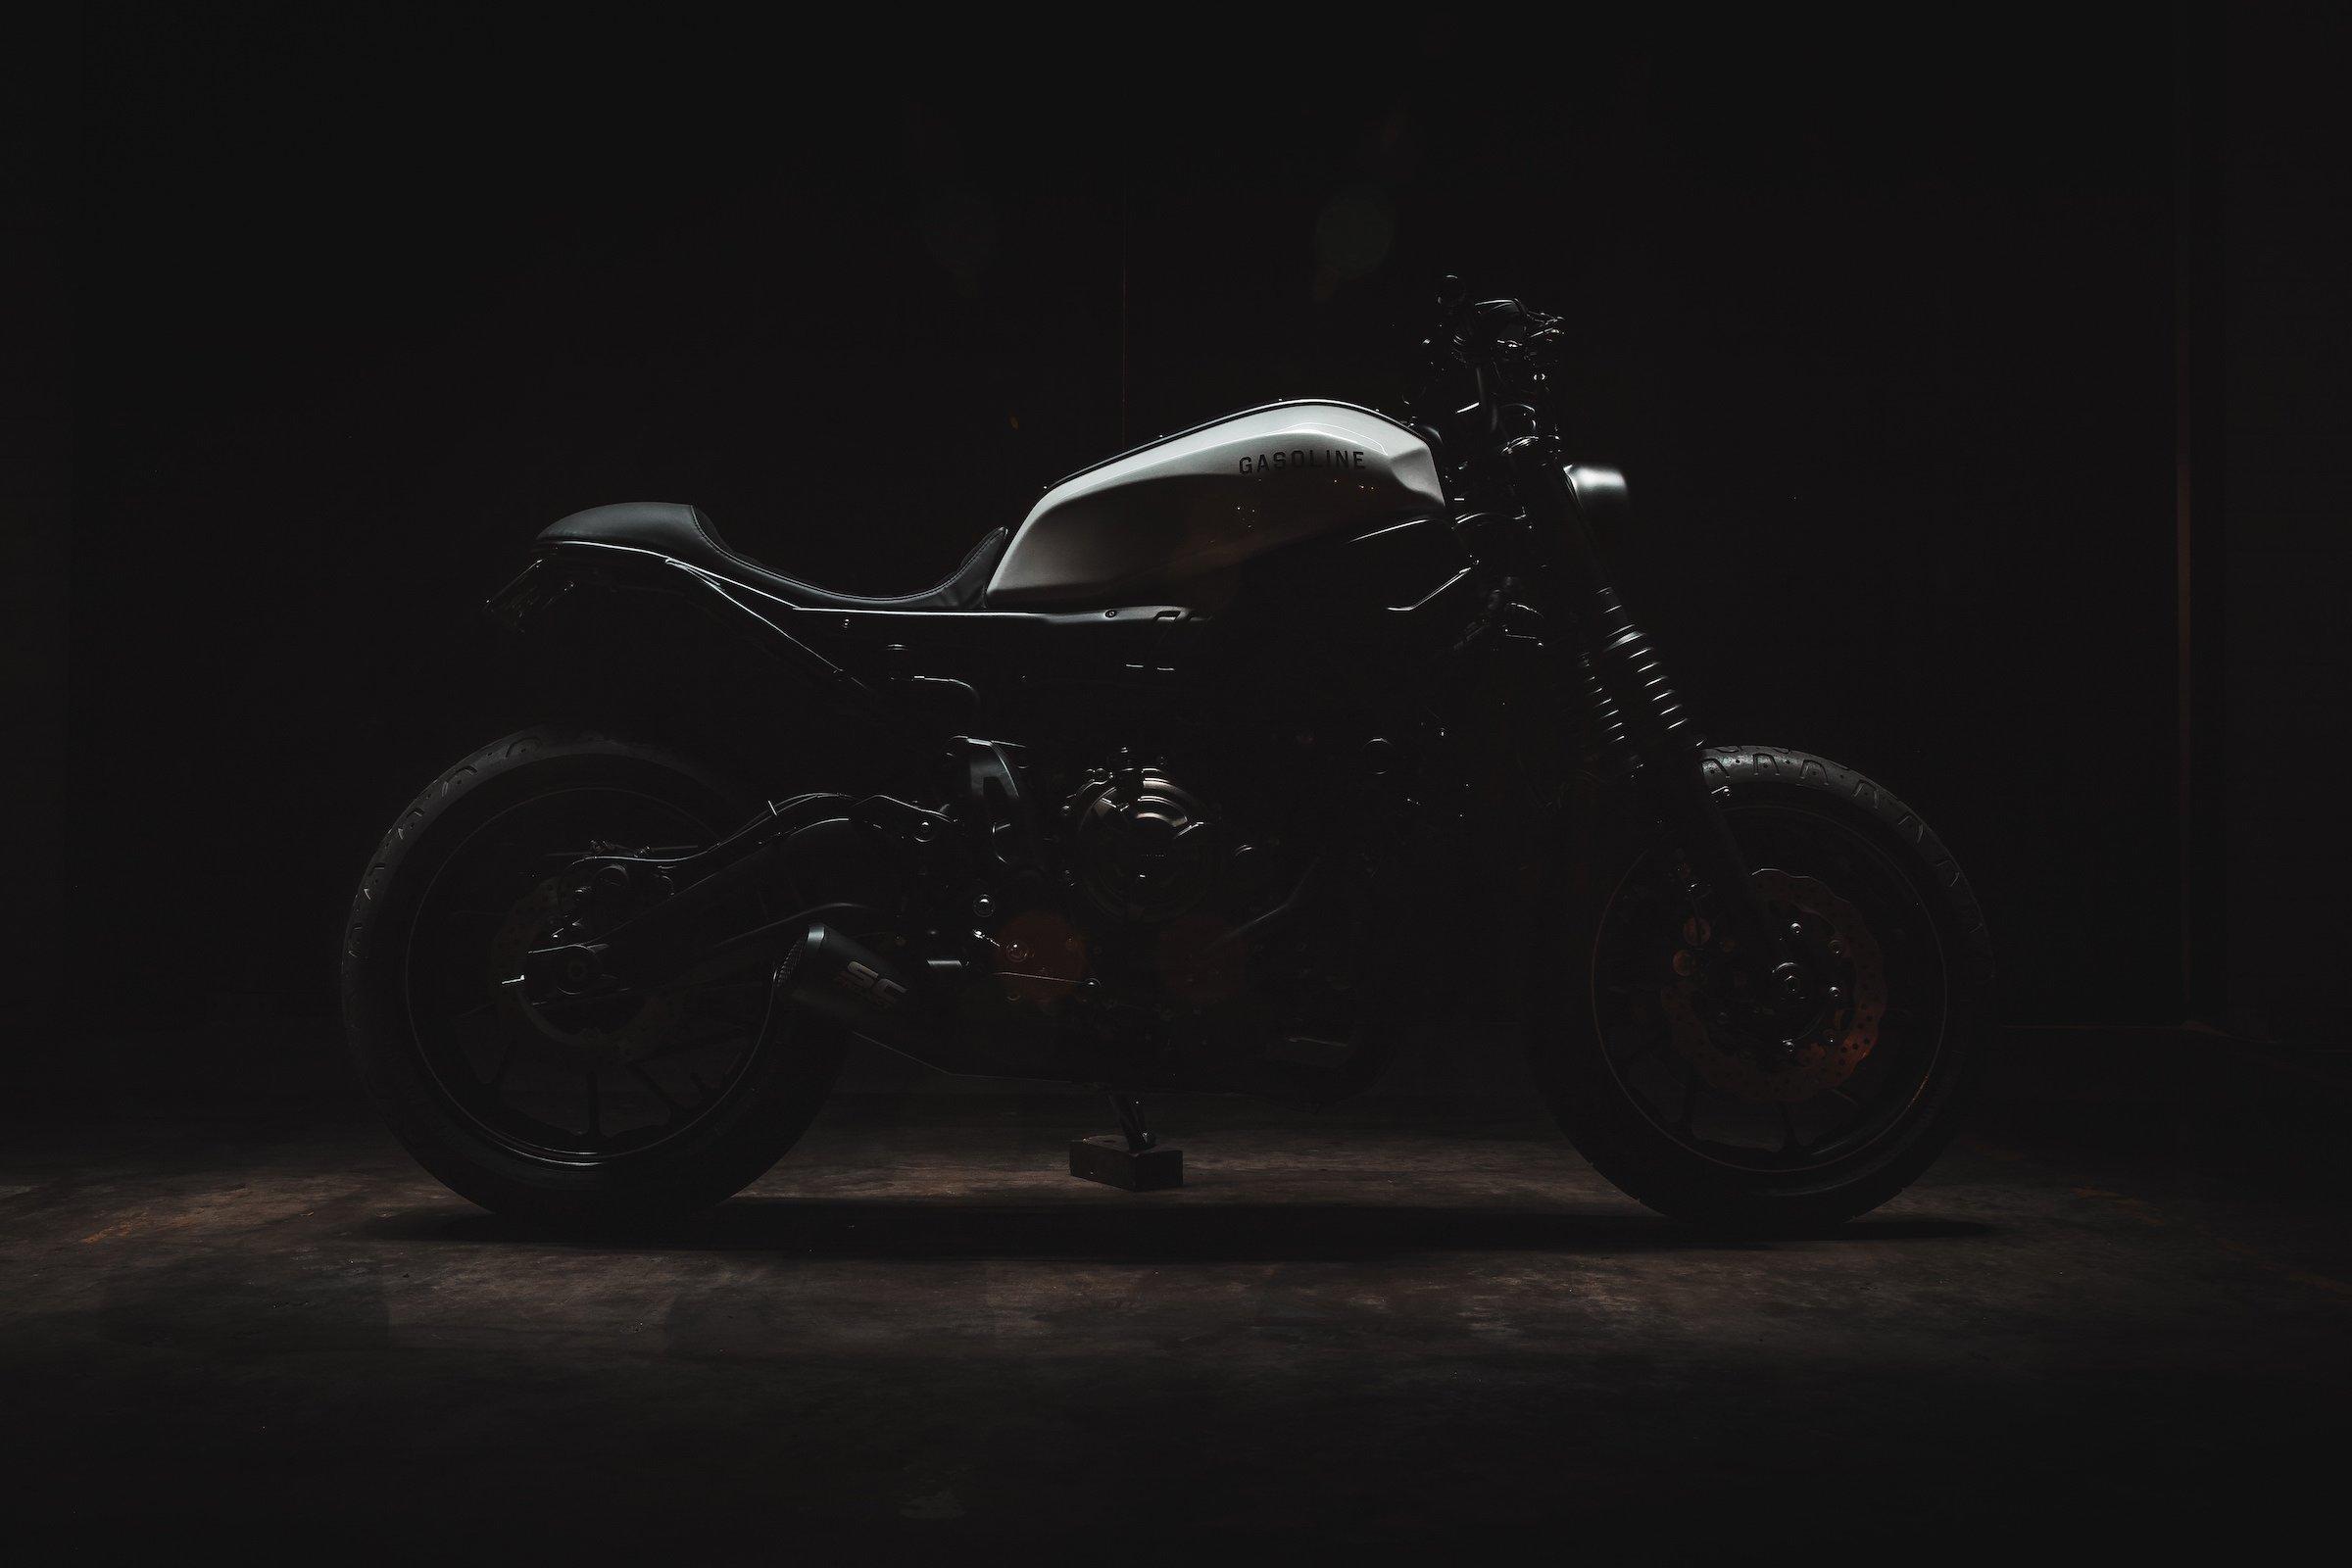 Yamaha XSR 700 Custom Motorcycle 10